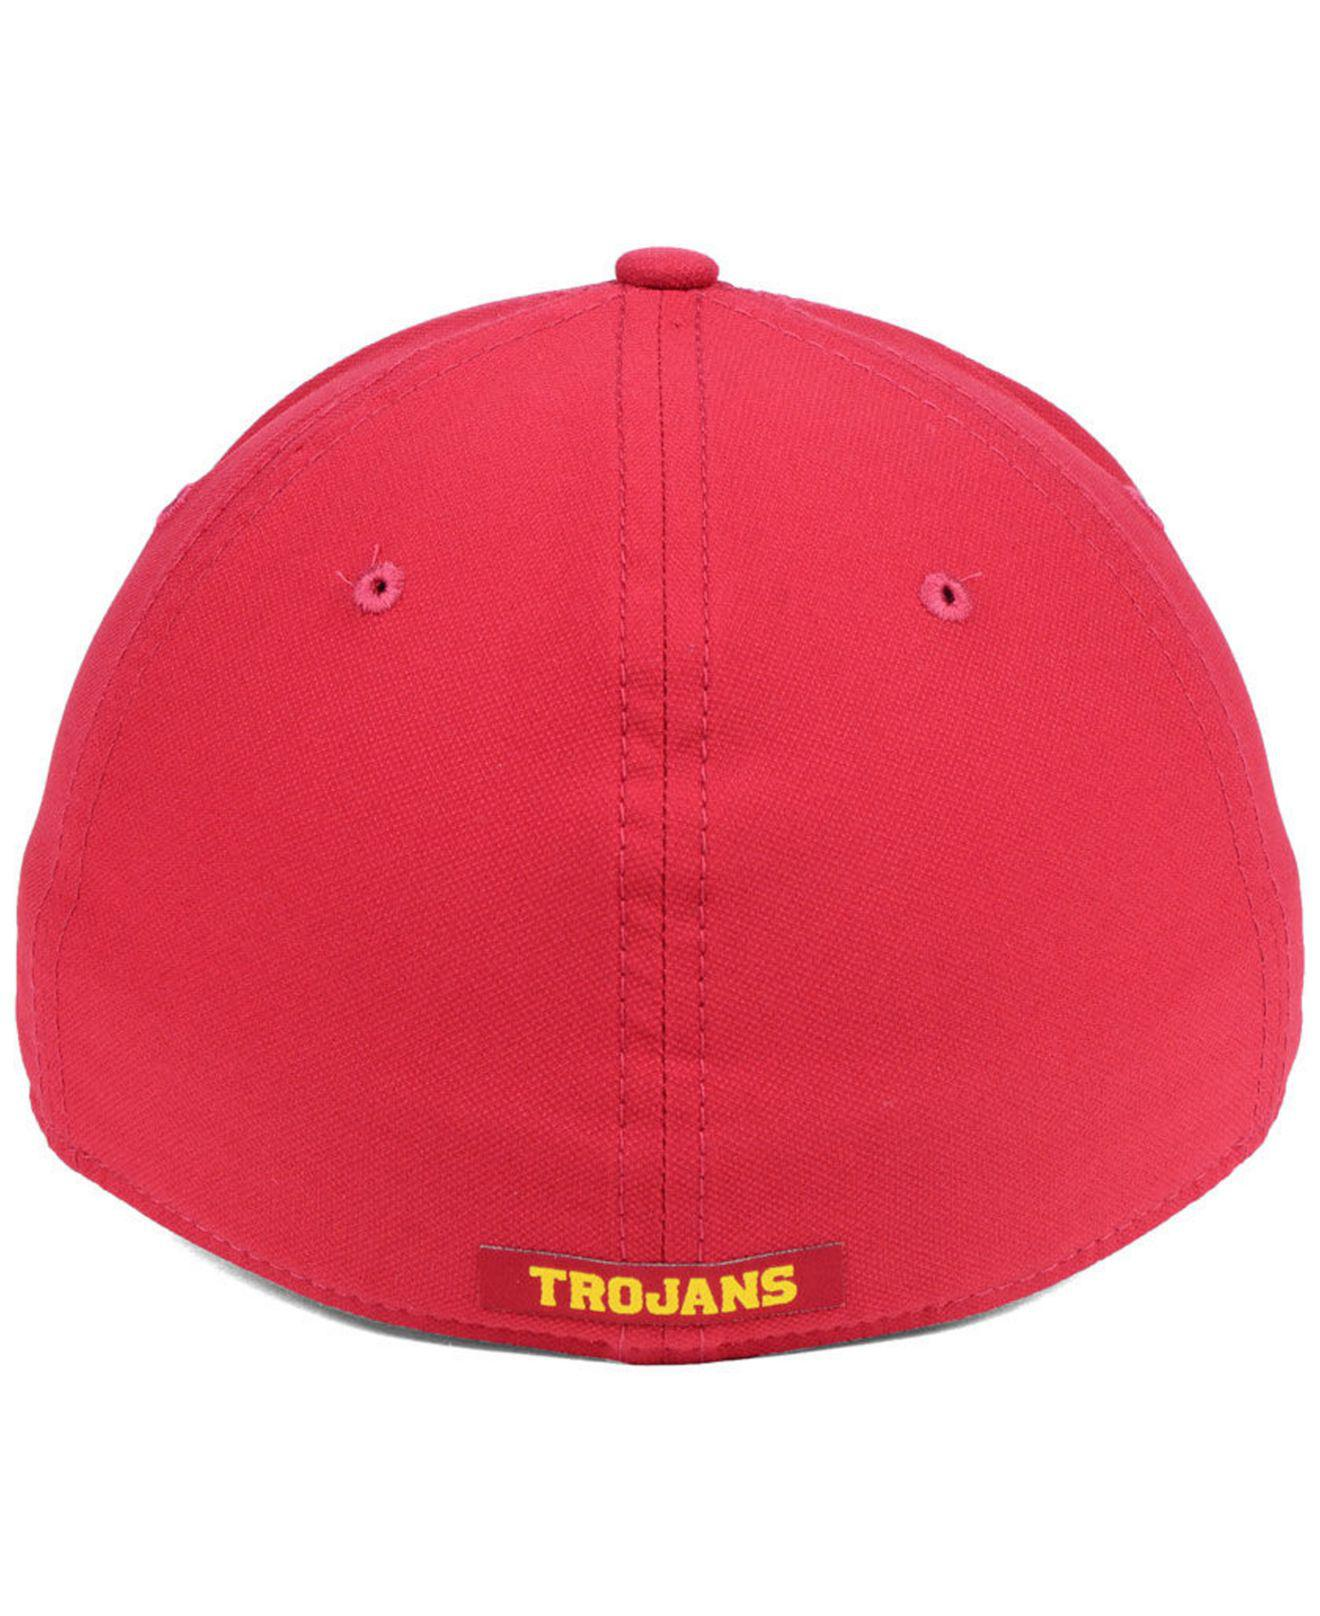 856b9274f2fa9 italy nike red usc trojans arobill swoosh flex cap for men lyst. view  fullscreen f8f5a